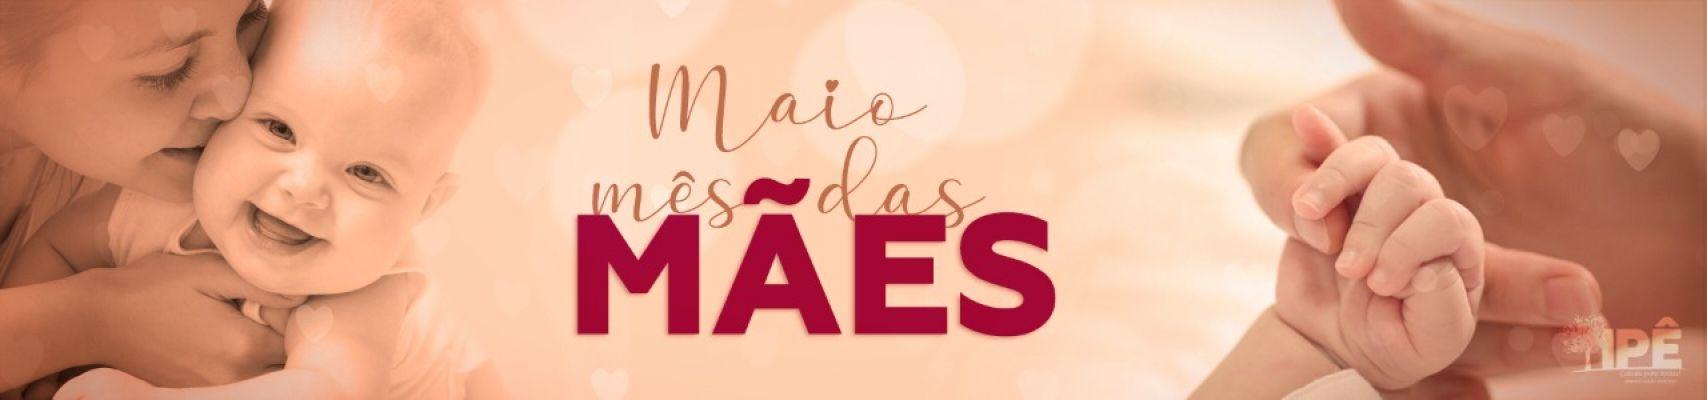 Banner 1 - Mês das Mães